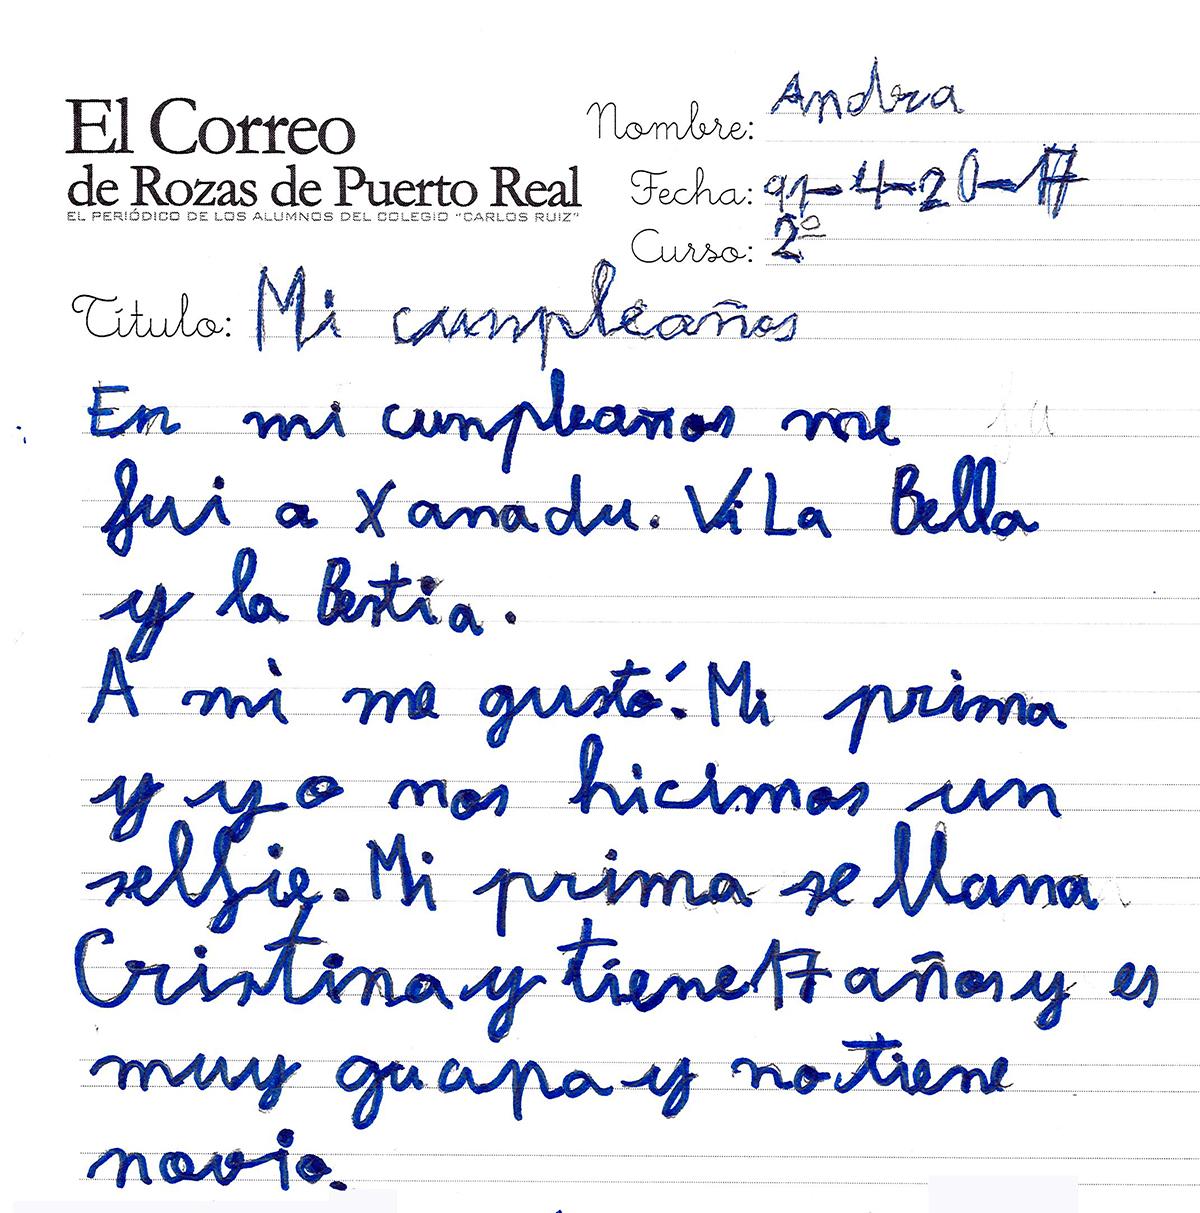 El Correo De Rozas De Puerto Real Mi Cumplea Os